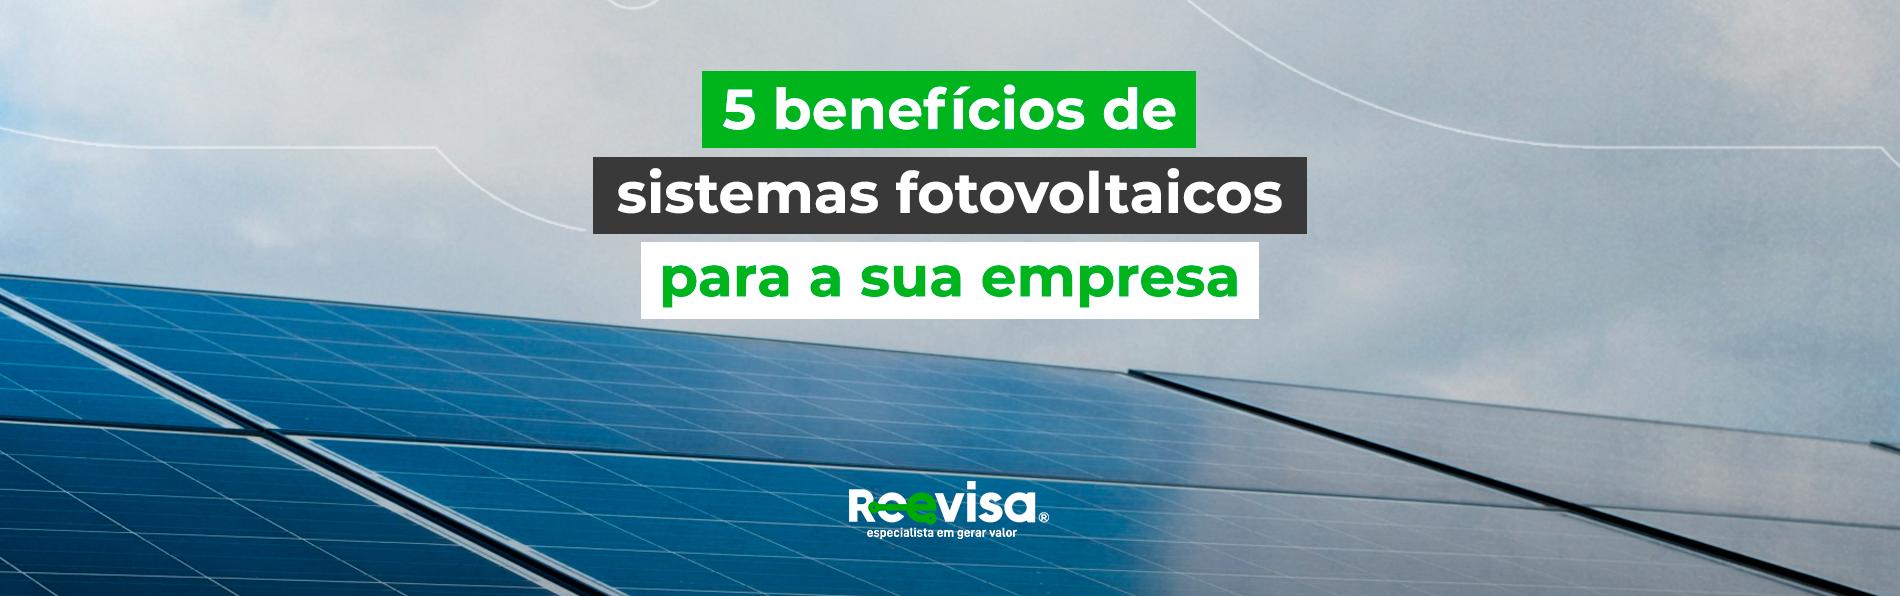 Conheça 5 benefícios de sistemas fotovoltaicos para sua empresa